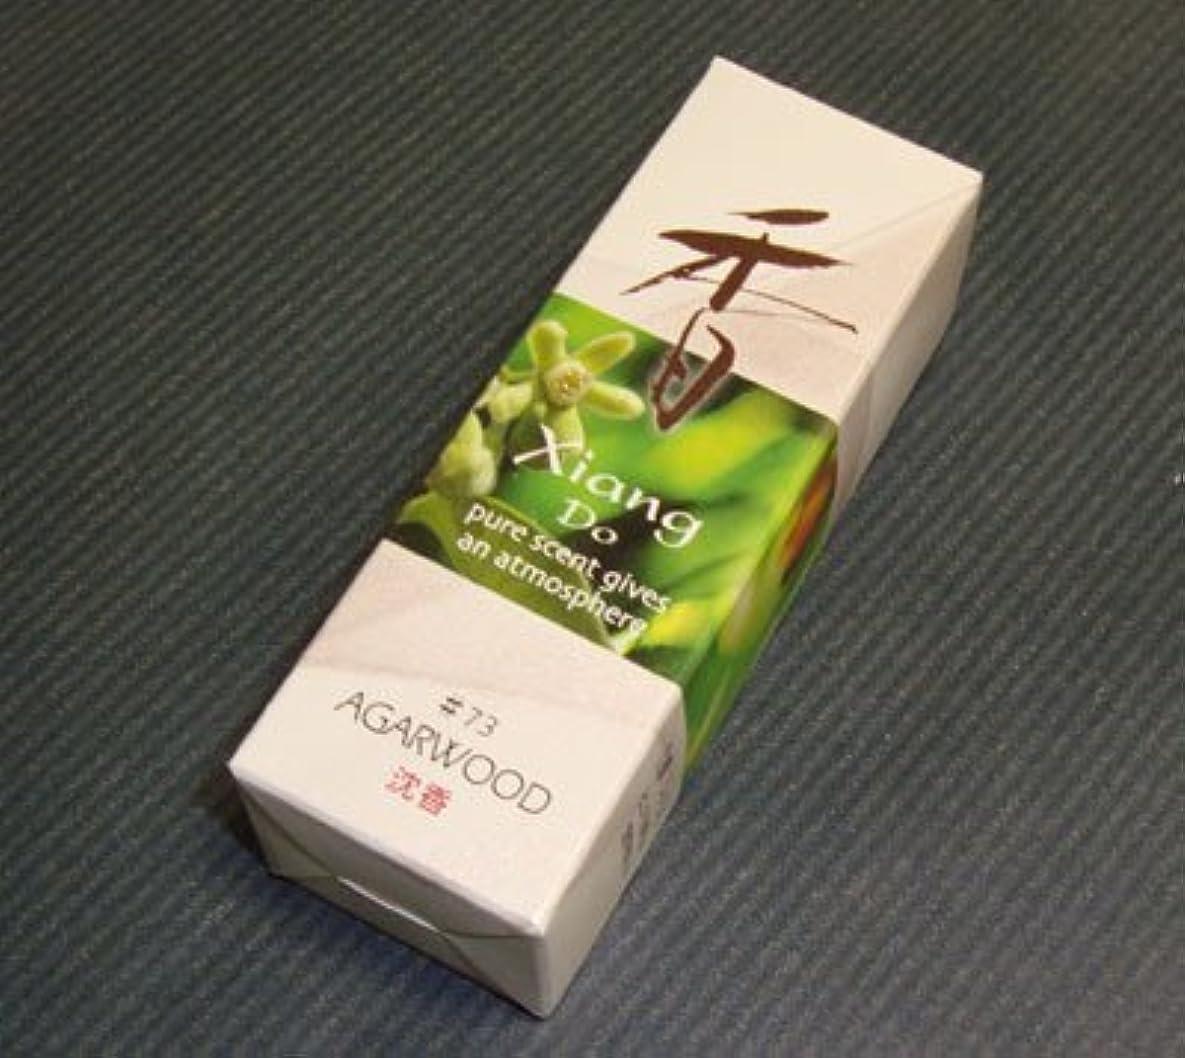 志す特別に意識的沈水香木の落着いた香りです 松栄堂【Xiang Do アガーウッド】スティック 【お香】